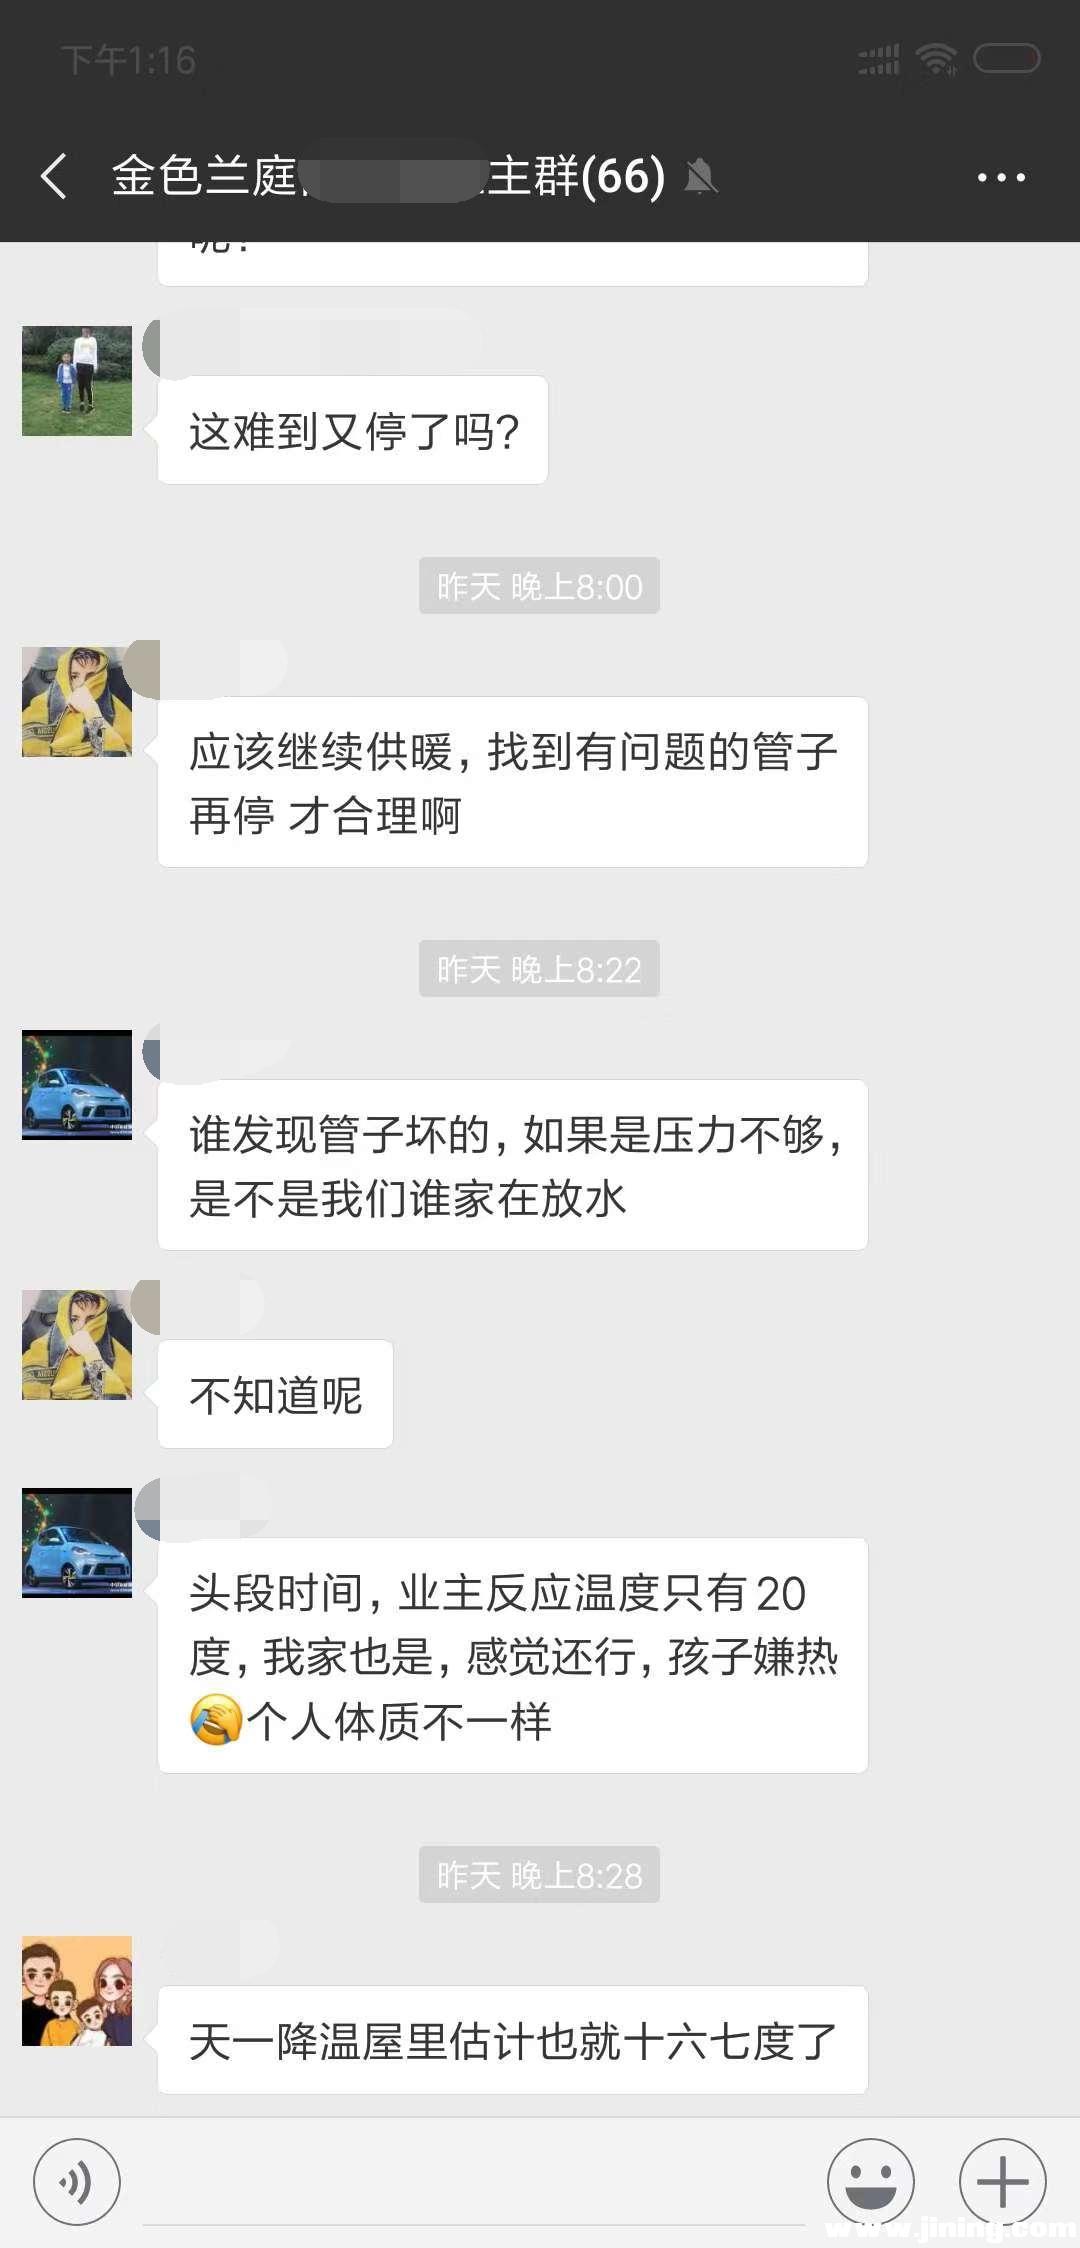 12.21 7_看图王.jpg